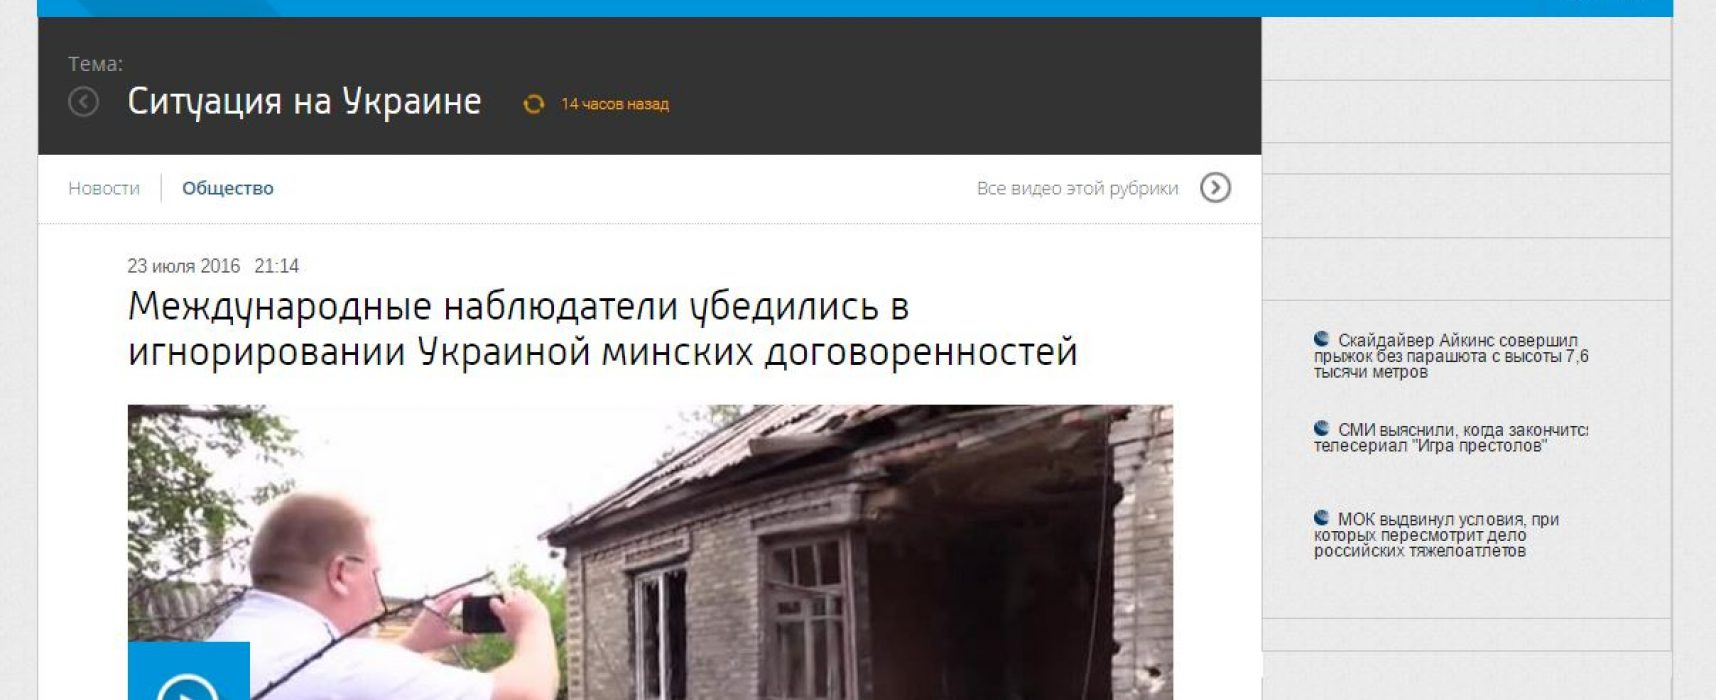 Фейк: Международные наблюдатели убедились в игнорировании Украиной минских договоренностей